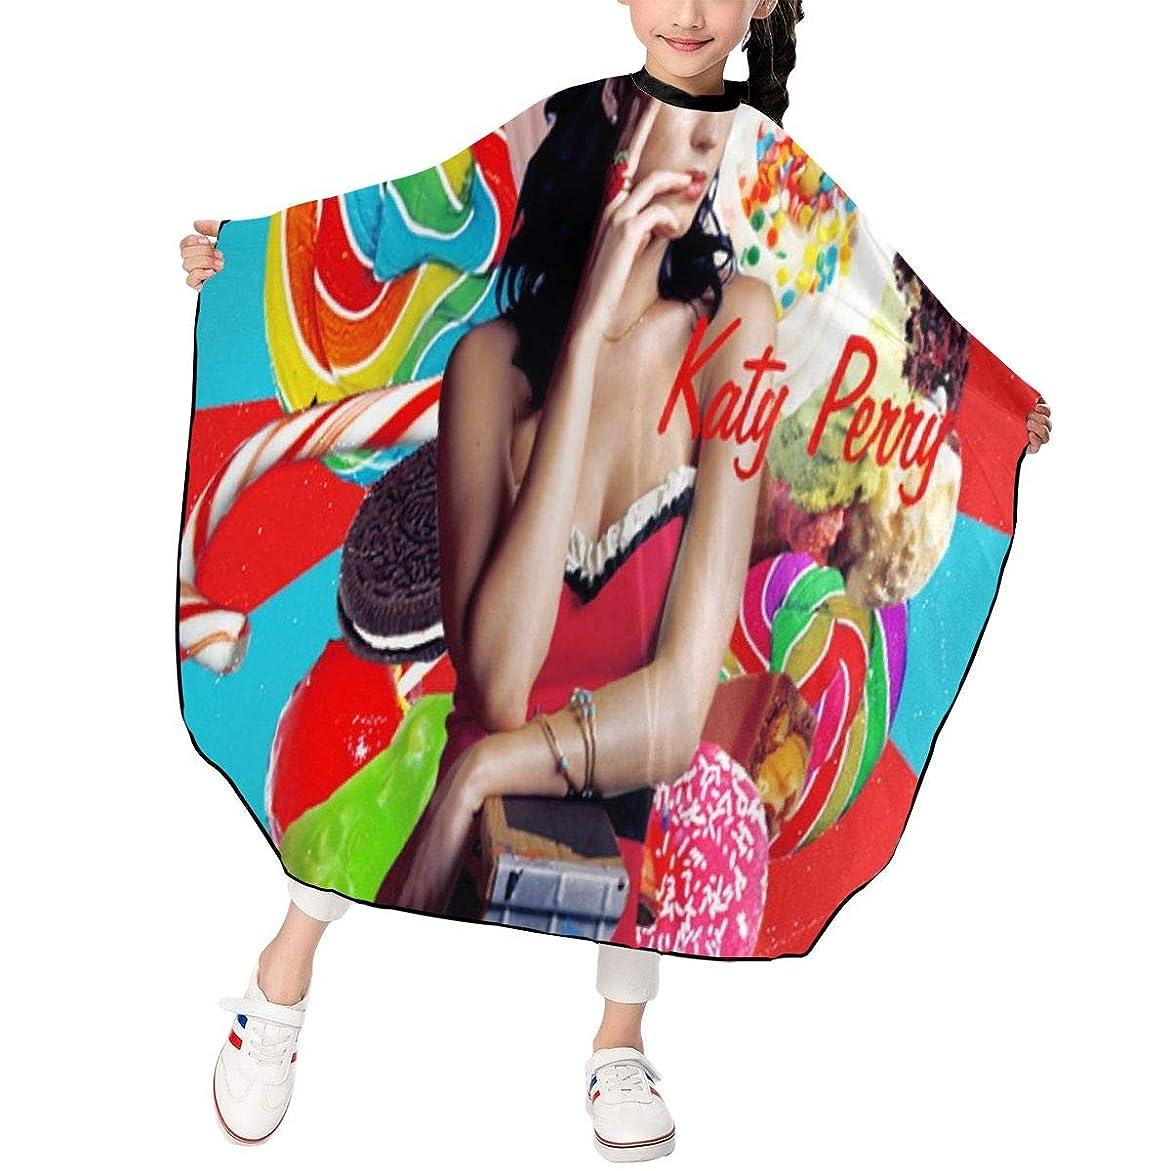 マイクロまたは世論調査最新の人気ヘアカットエプロン 子供用ヘアカットエプロン120×100cm アイドルミュージックKaty Perryケイティー ペリー 柔らかく、軽量で、繊細なポリエステル生地、肌にやさしい、ドライ